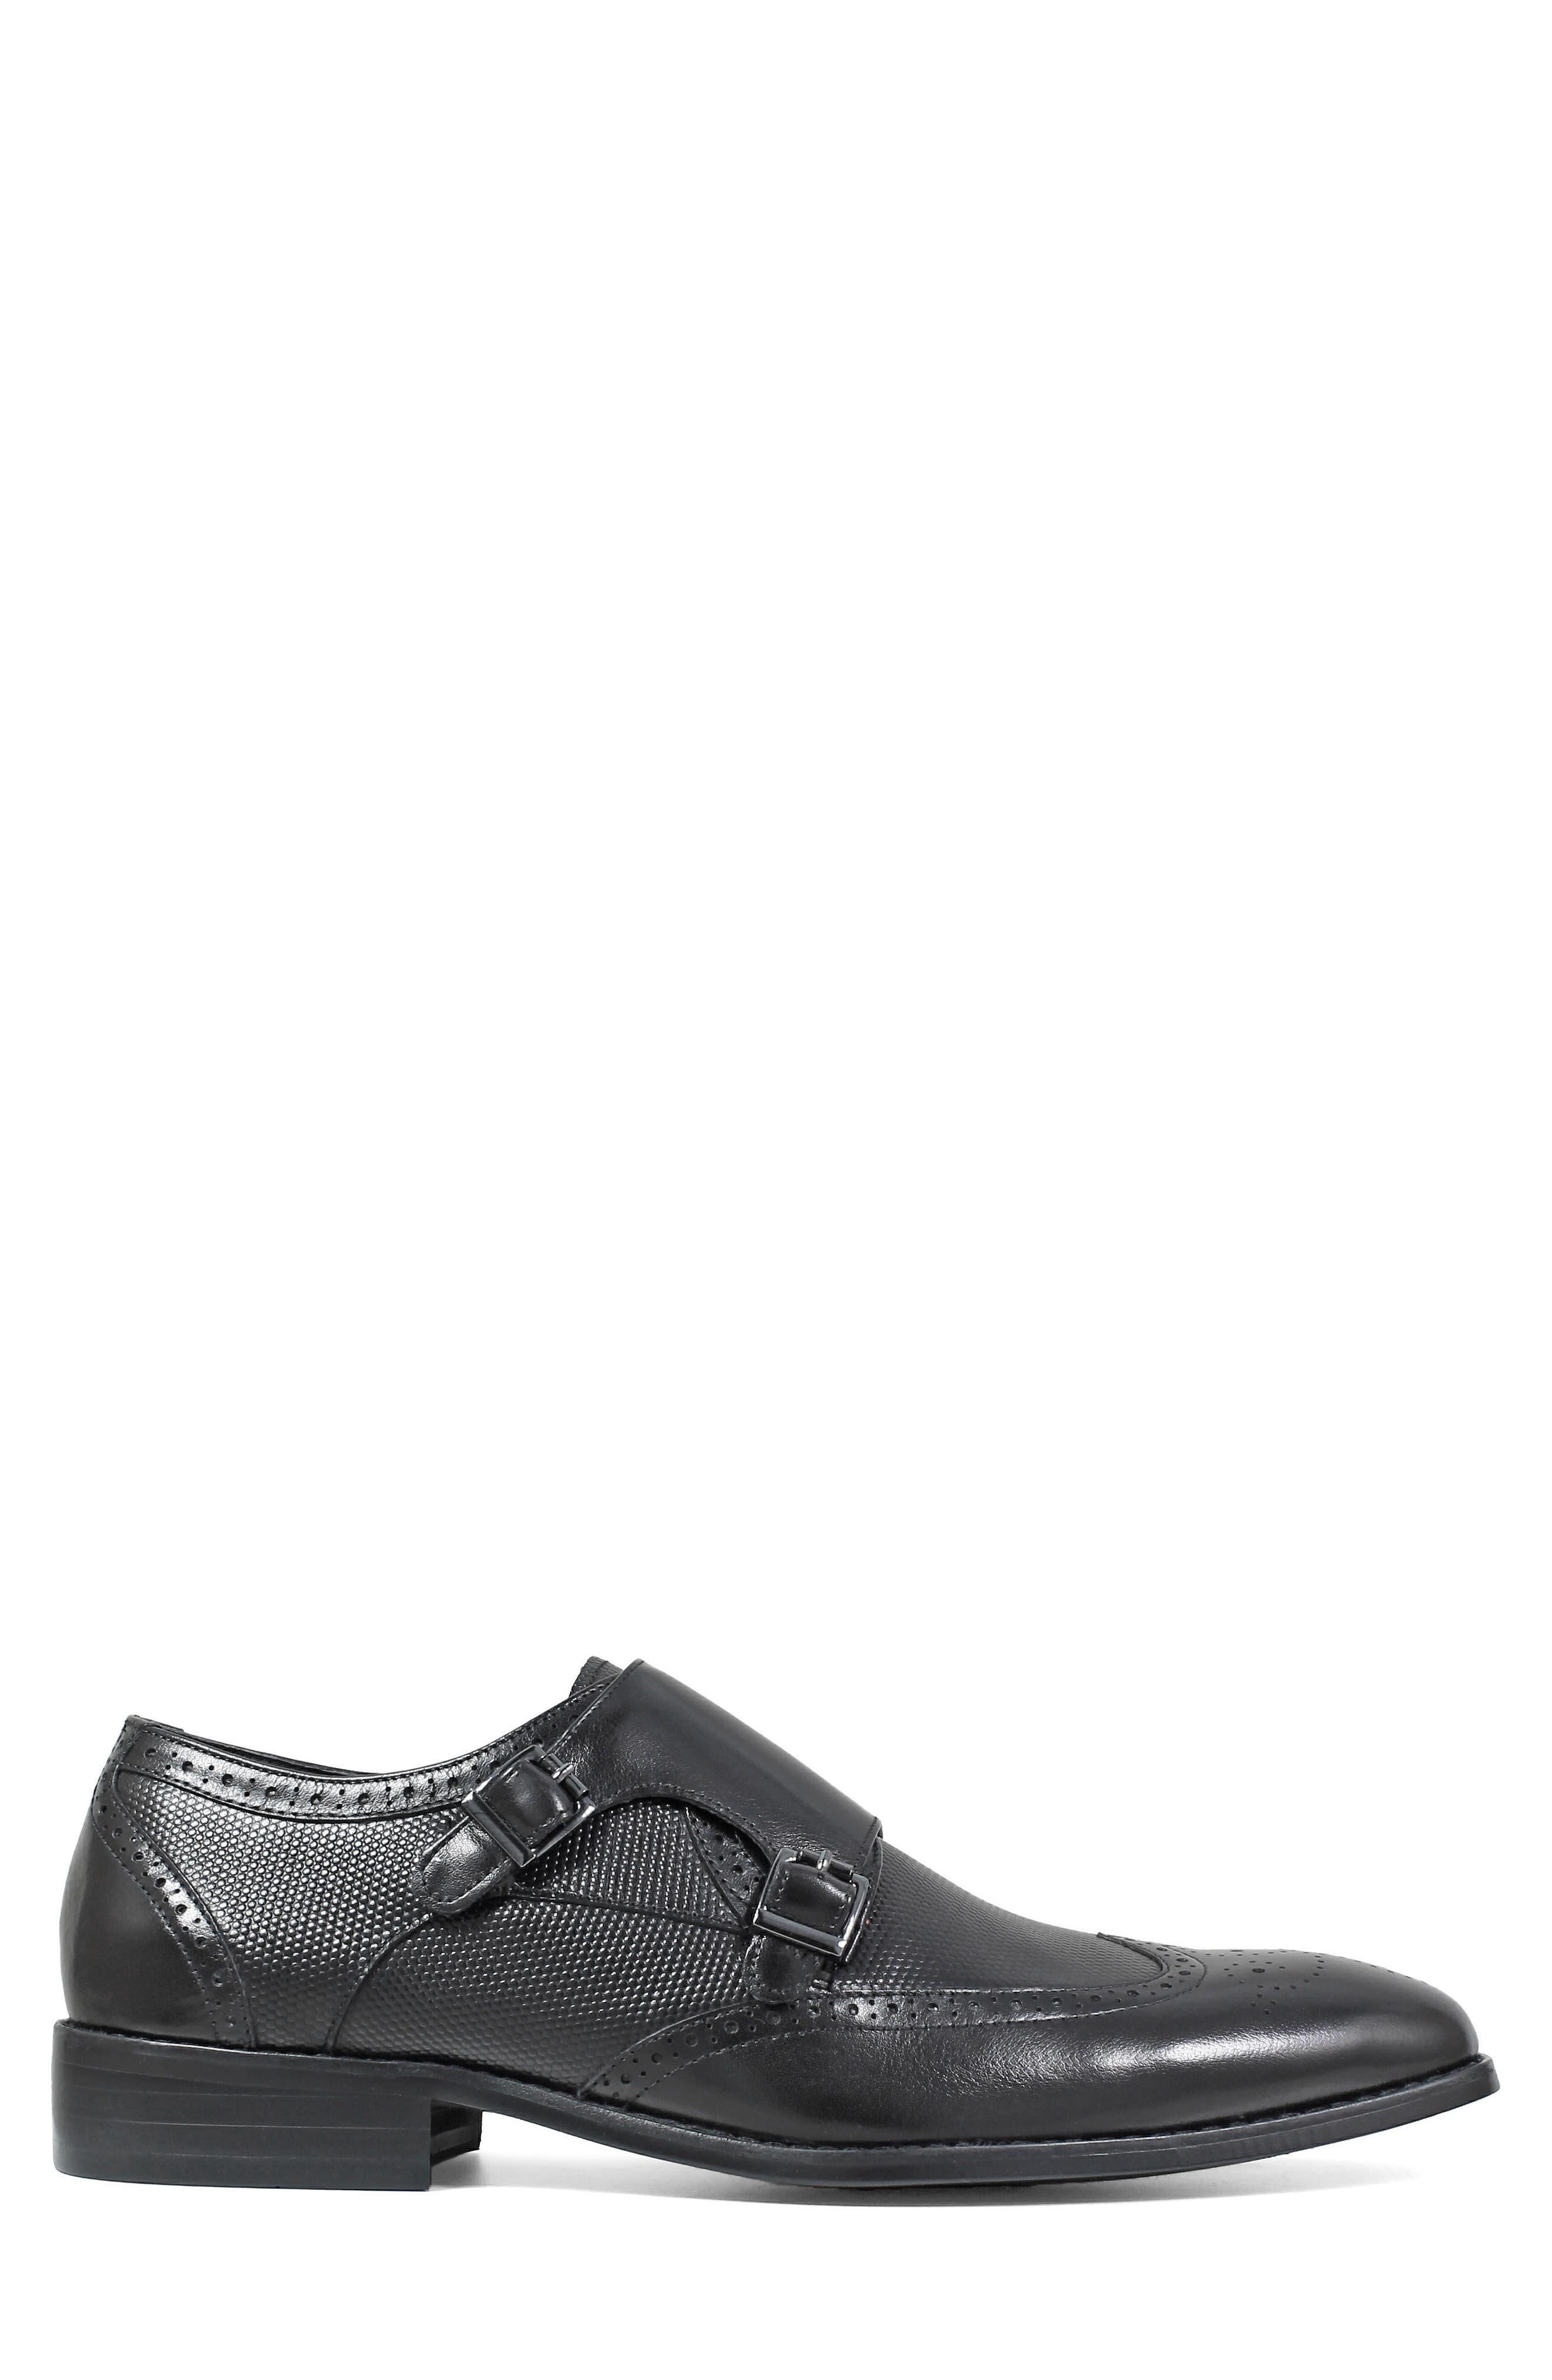 Lavine Wingtip Monk Shoe,                             Alternate thumbnail 3, color,                             BLACK LEATHER